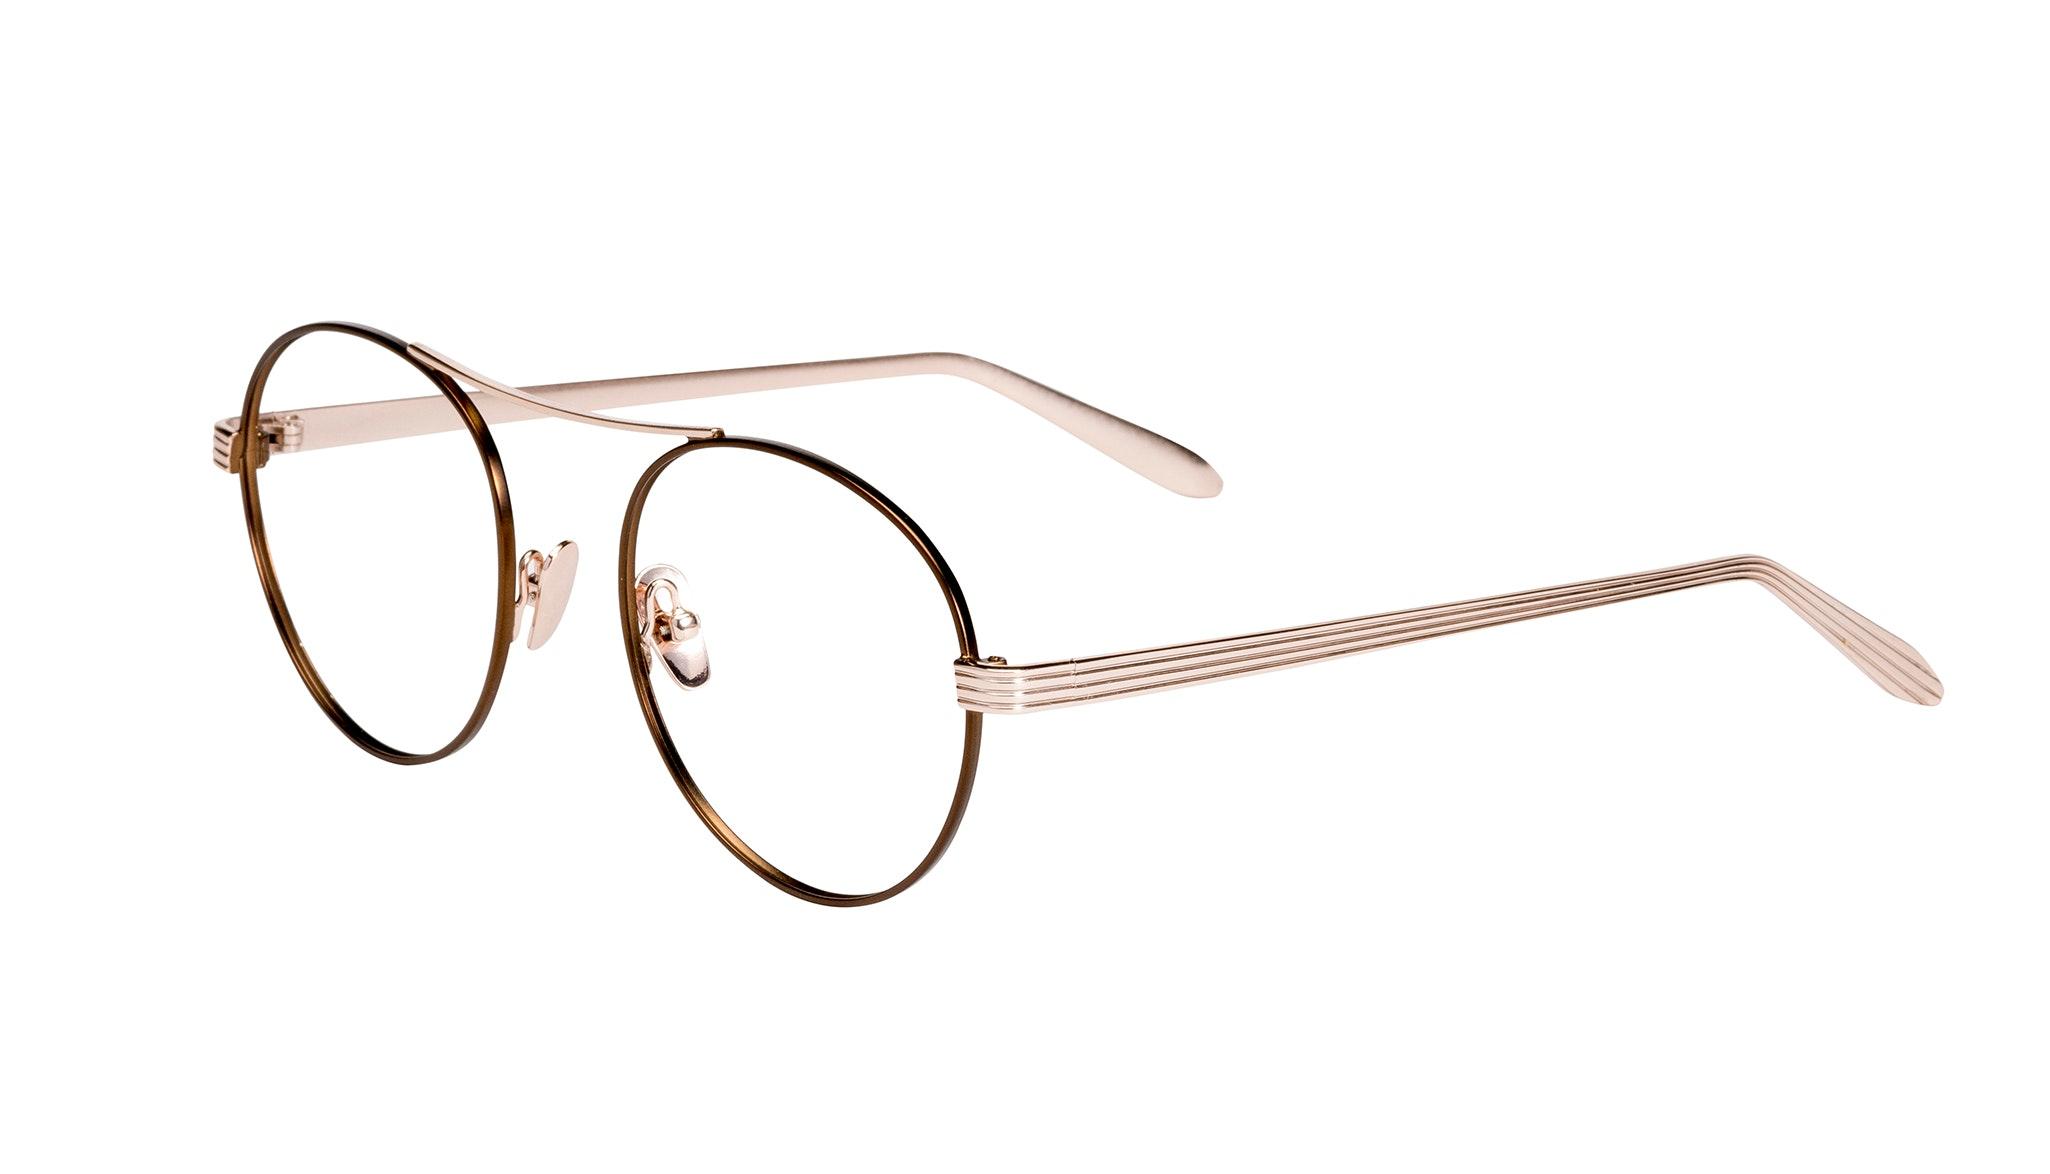 Affordable Fashion Glasses Round Eyeglasses Women Prize Golden Lilac Tilt